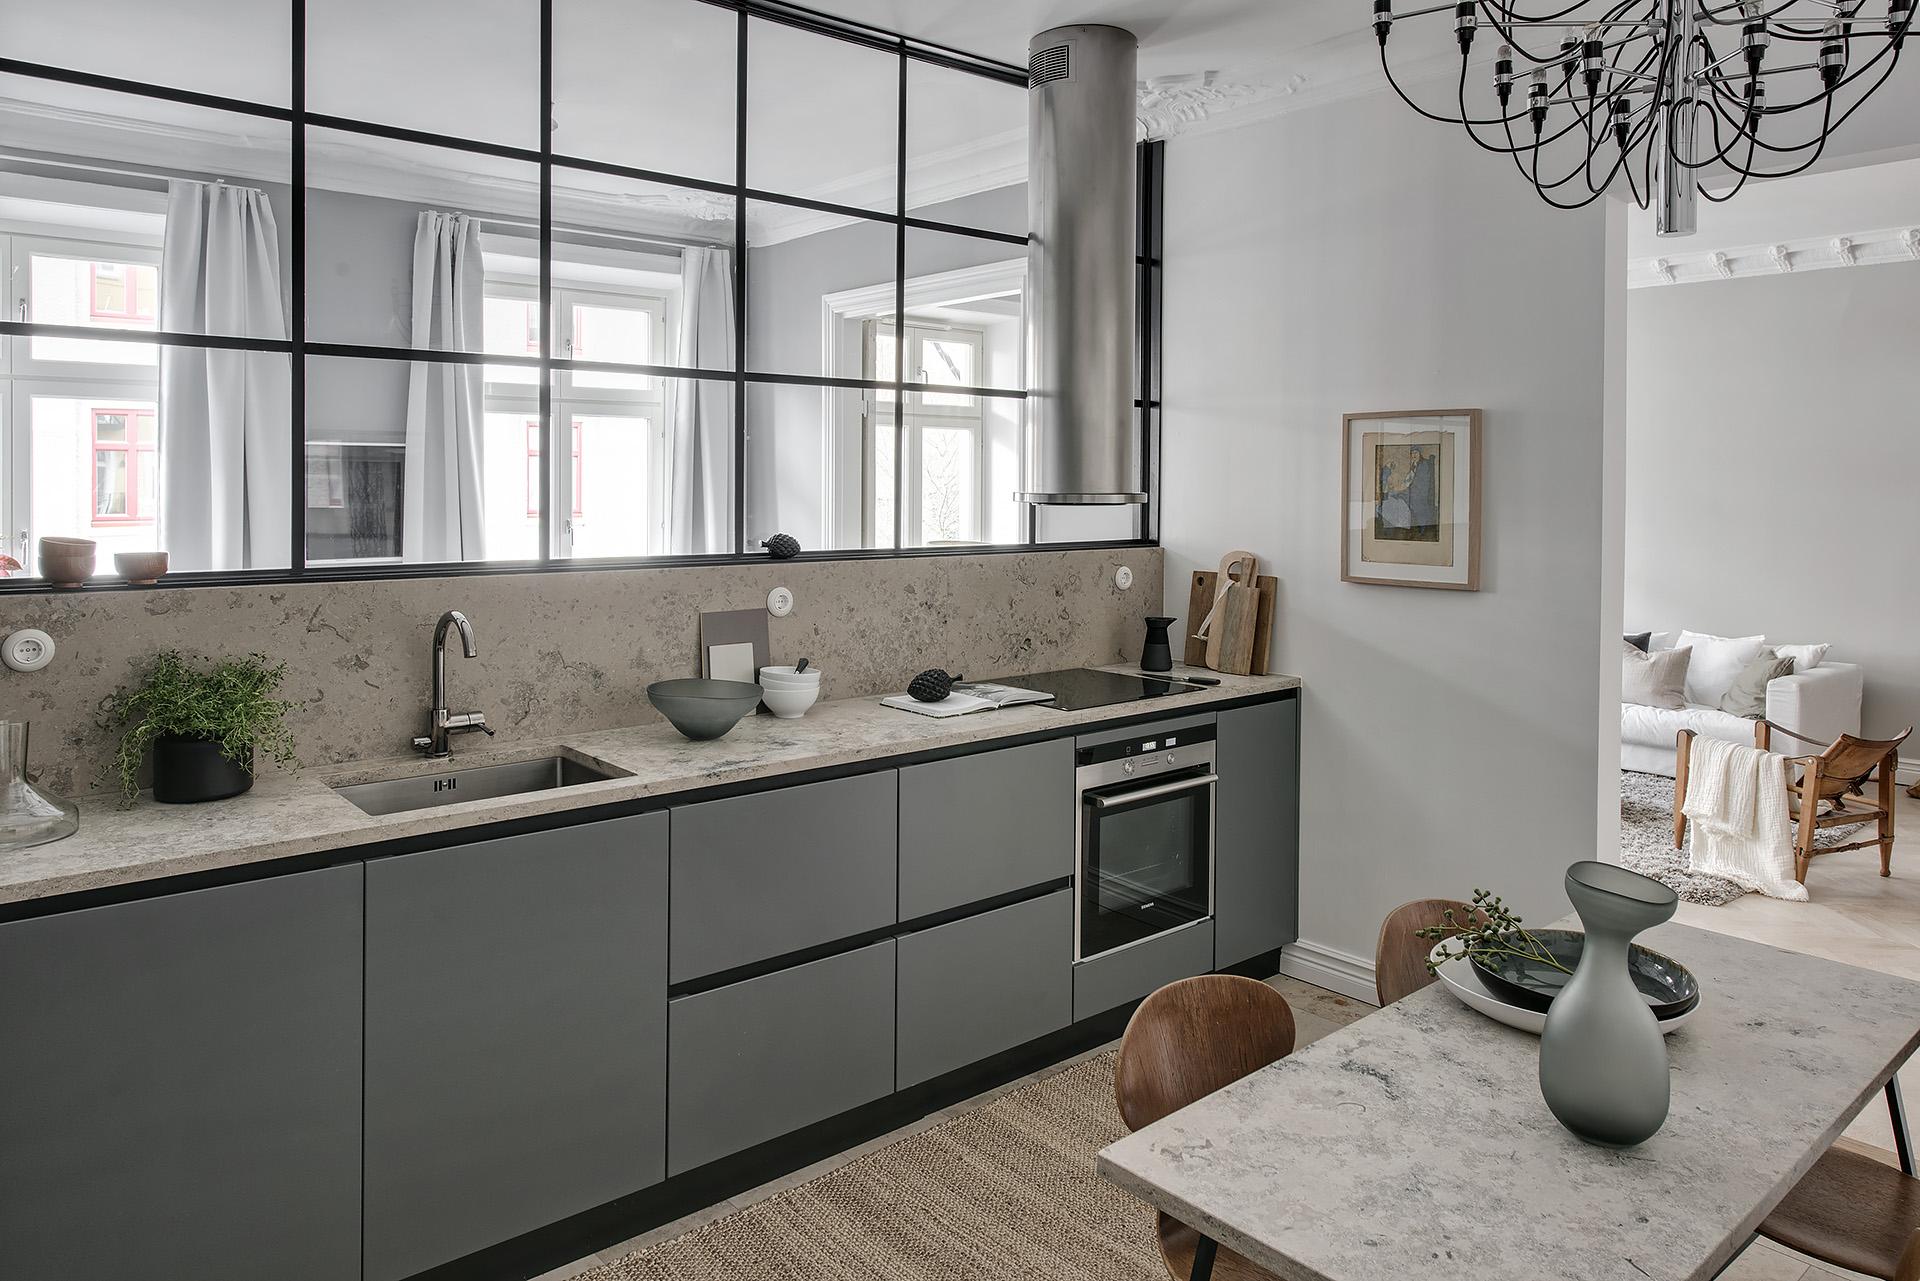 кухня серые фасады столешница мойка смеситель варочная панель духовка вытяжка обеденный стол стеклянная перегородка